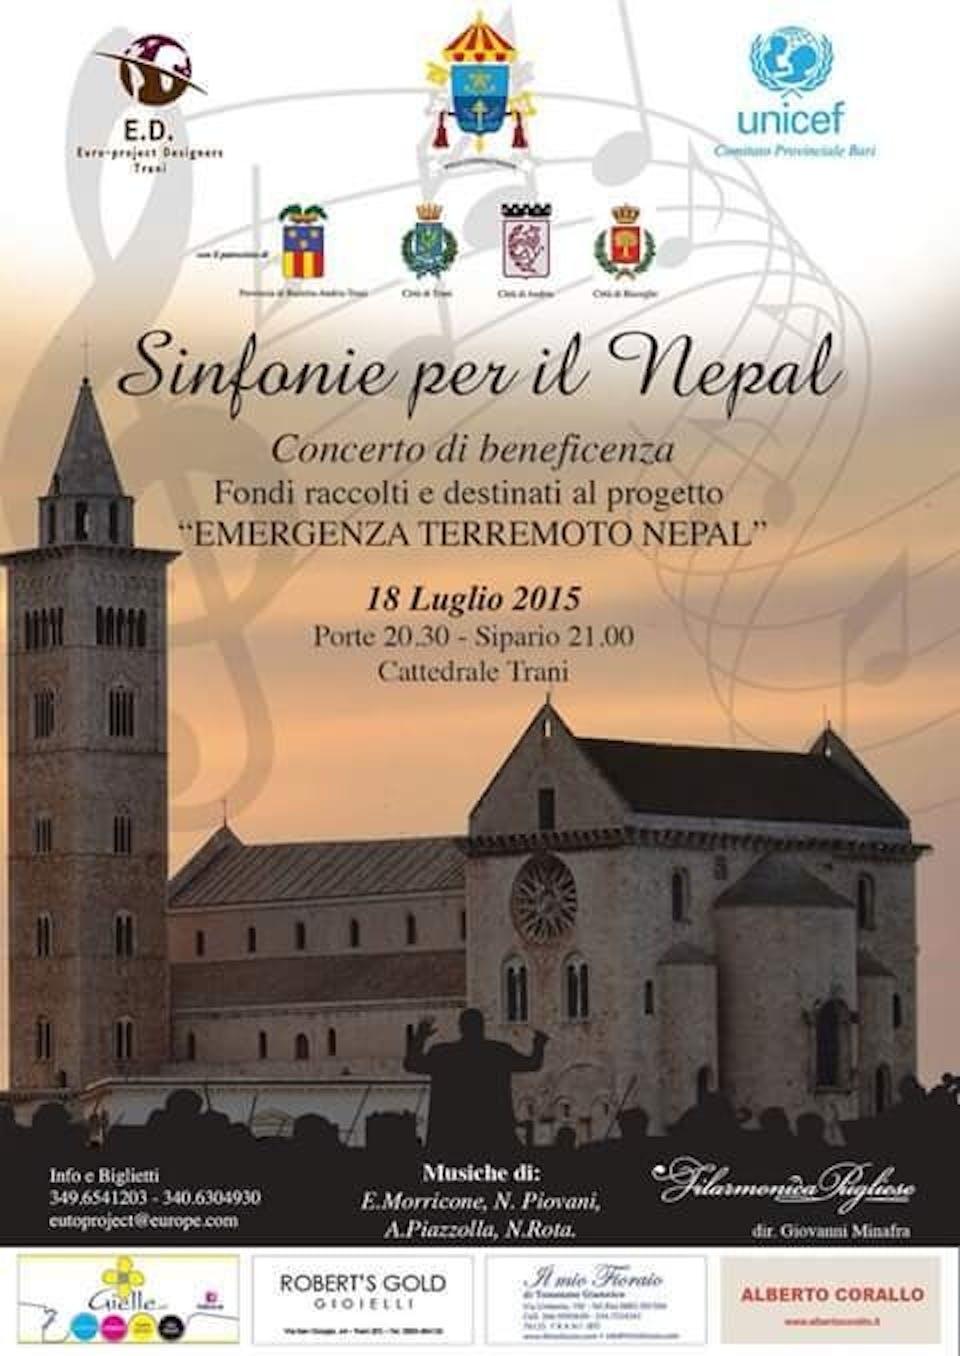 Bari: un concerto per aiutare il Nepal